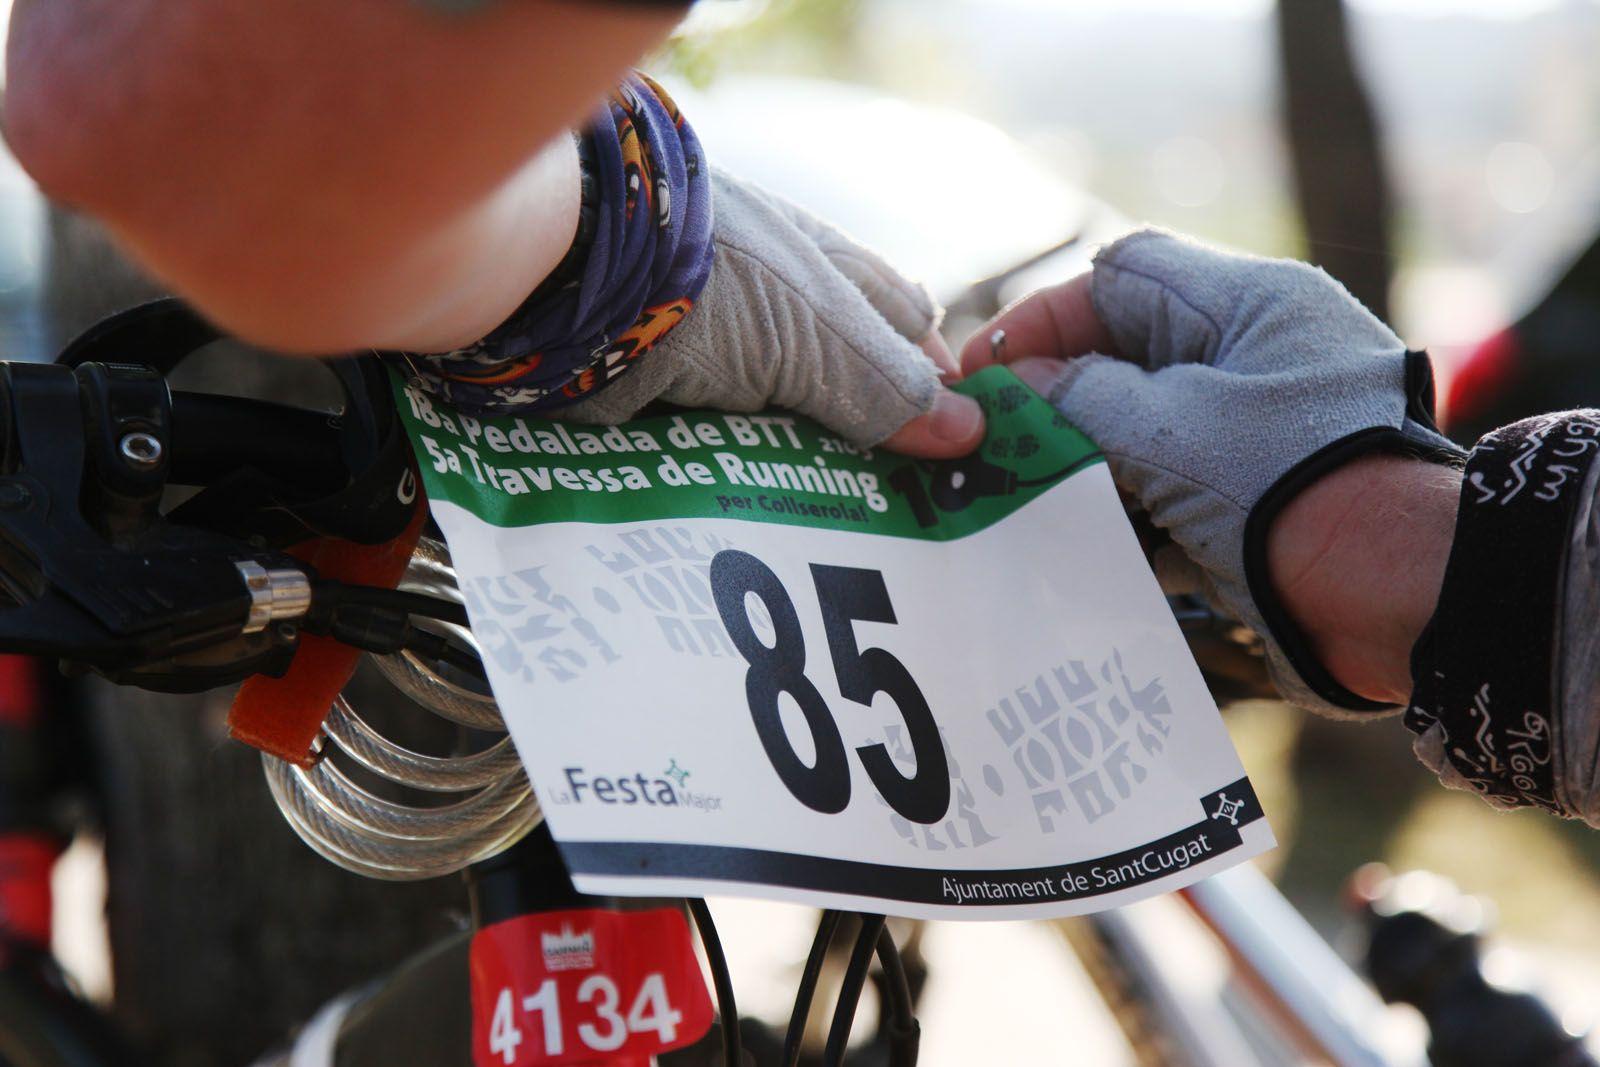 XVIII Pedalada BTT - 5a Travessa de running al Parc de la Pollencreda. FOTOS: Lali Puig